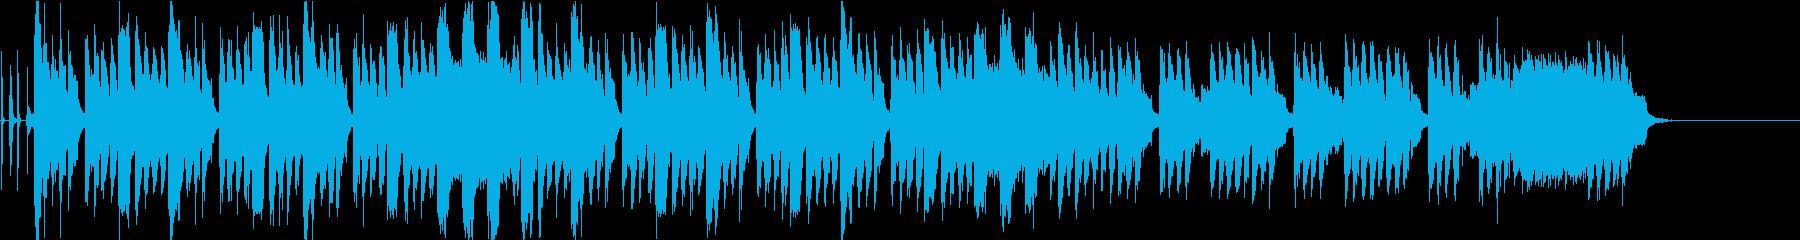 企業VP Future Bass bの再生済みの波形